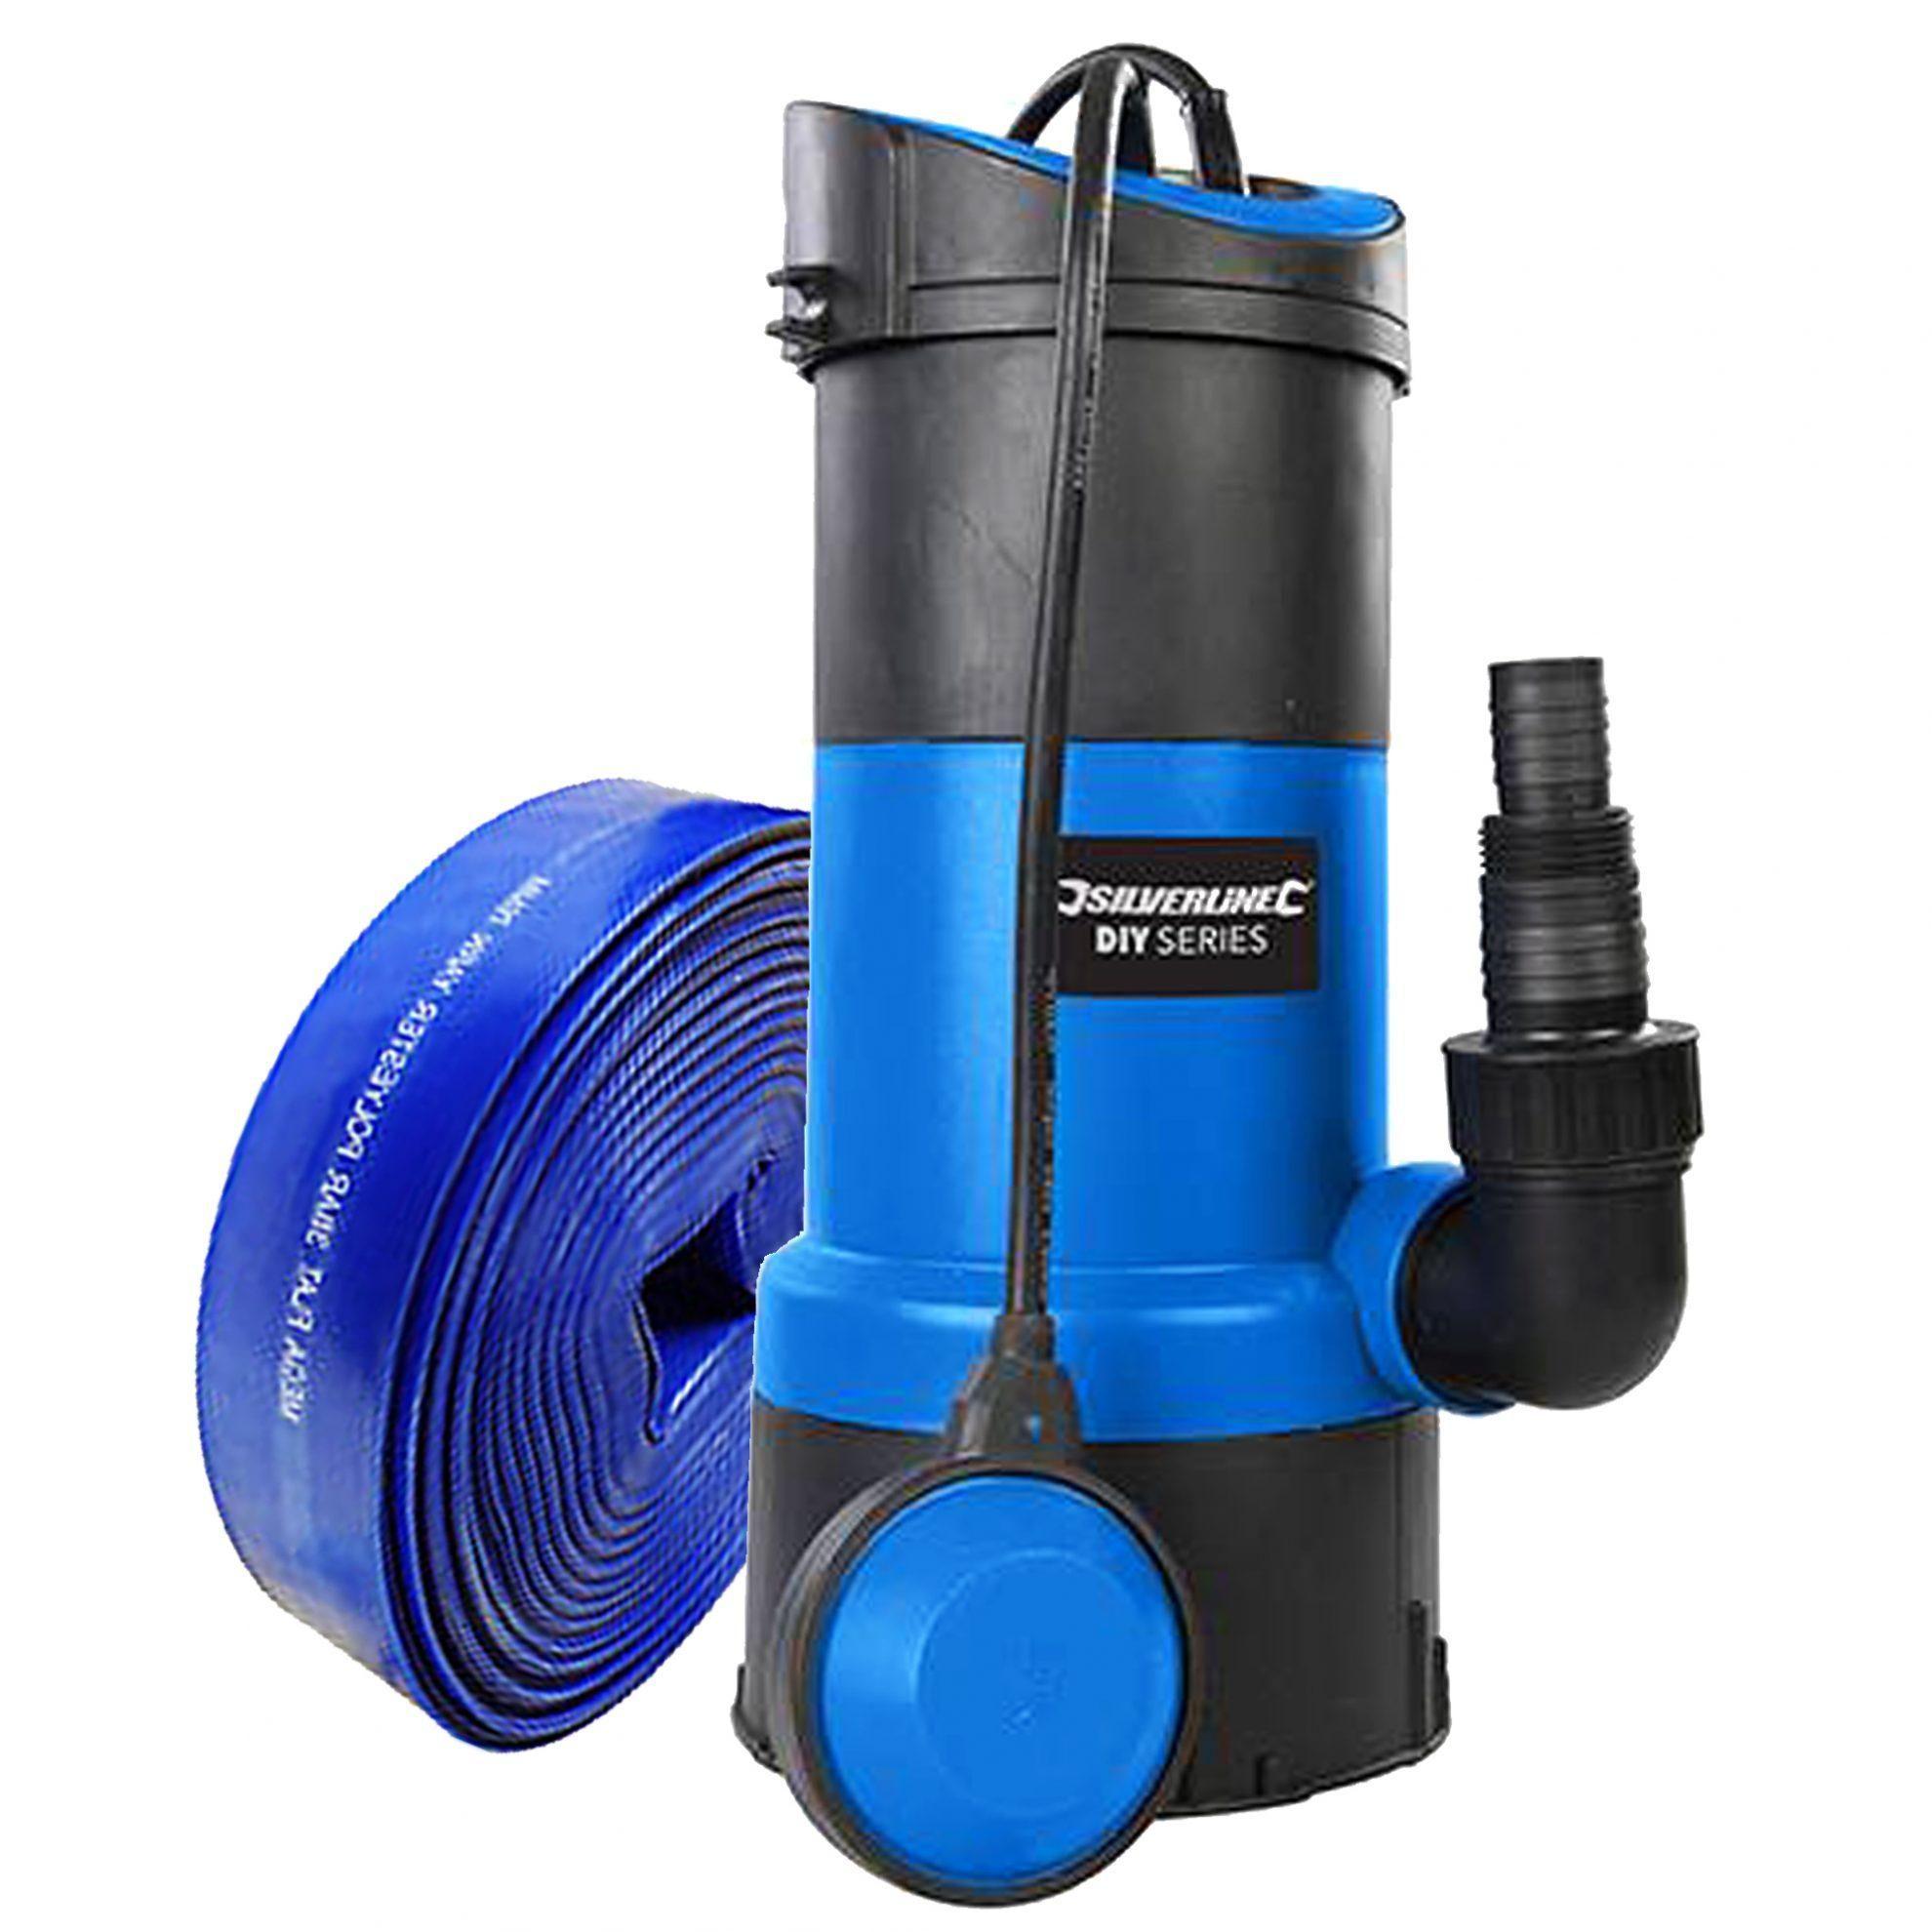 Submersible Water Pump 750w & 10 metre Lay Flat Hose 13000